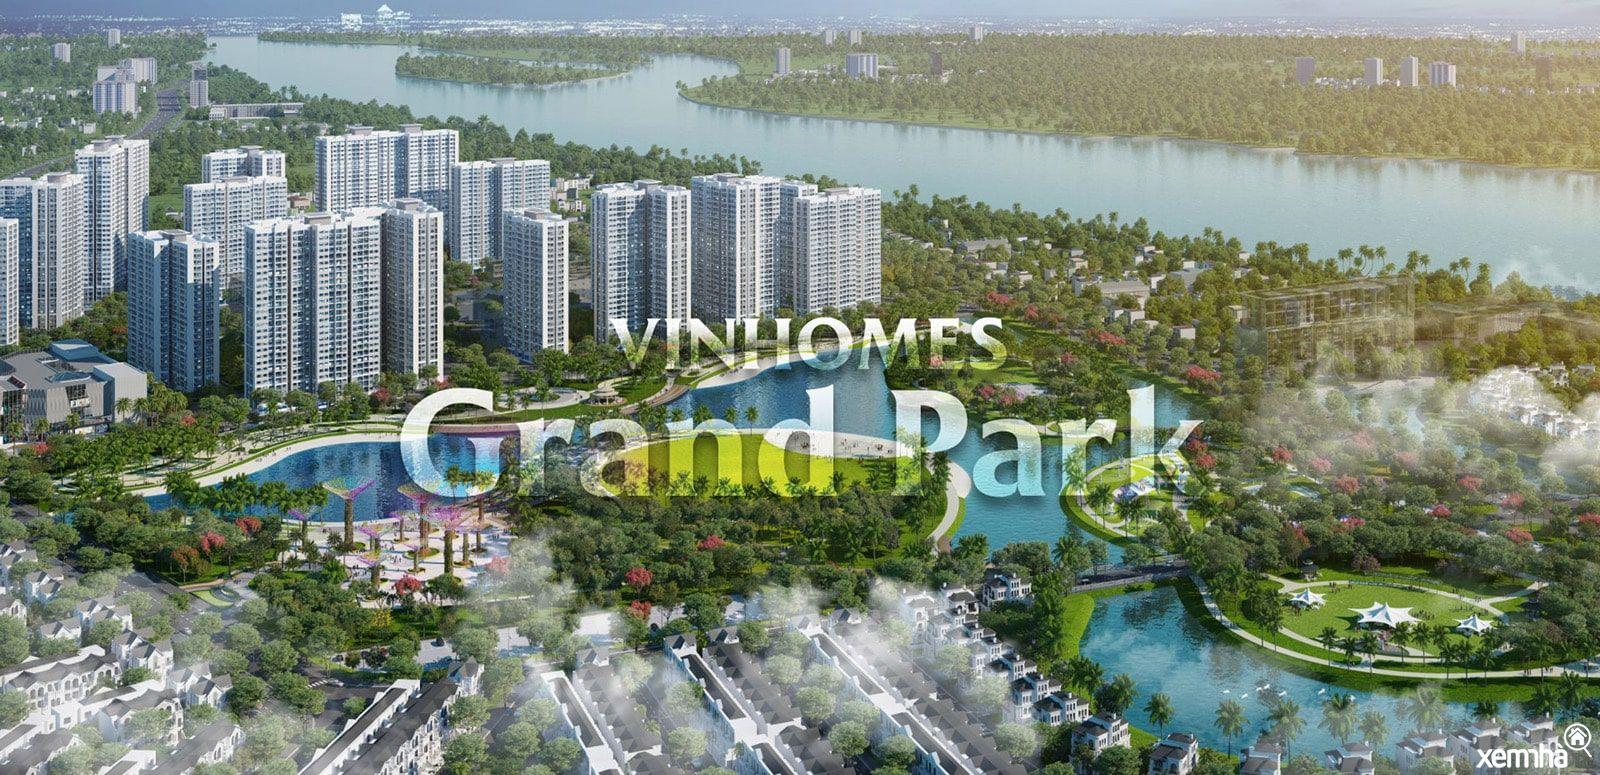 Dự án đại đô thị Vinhomes Grand Park